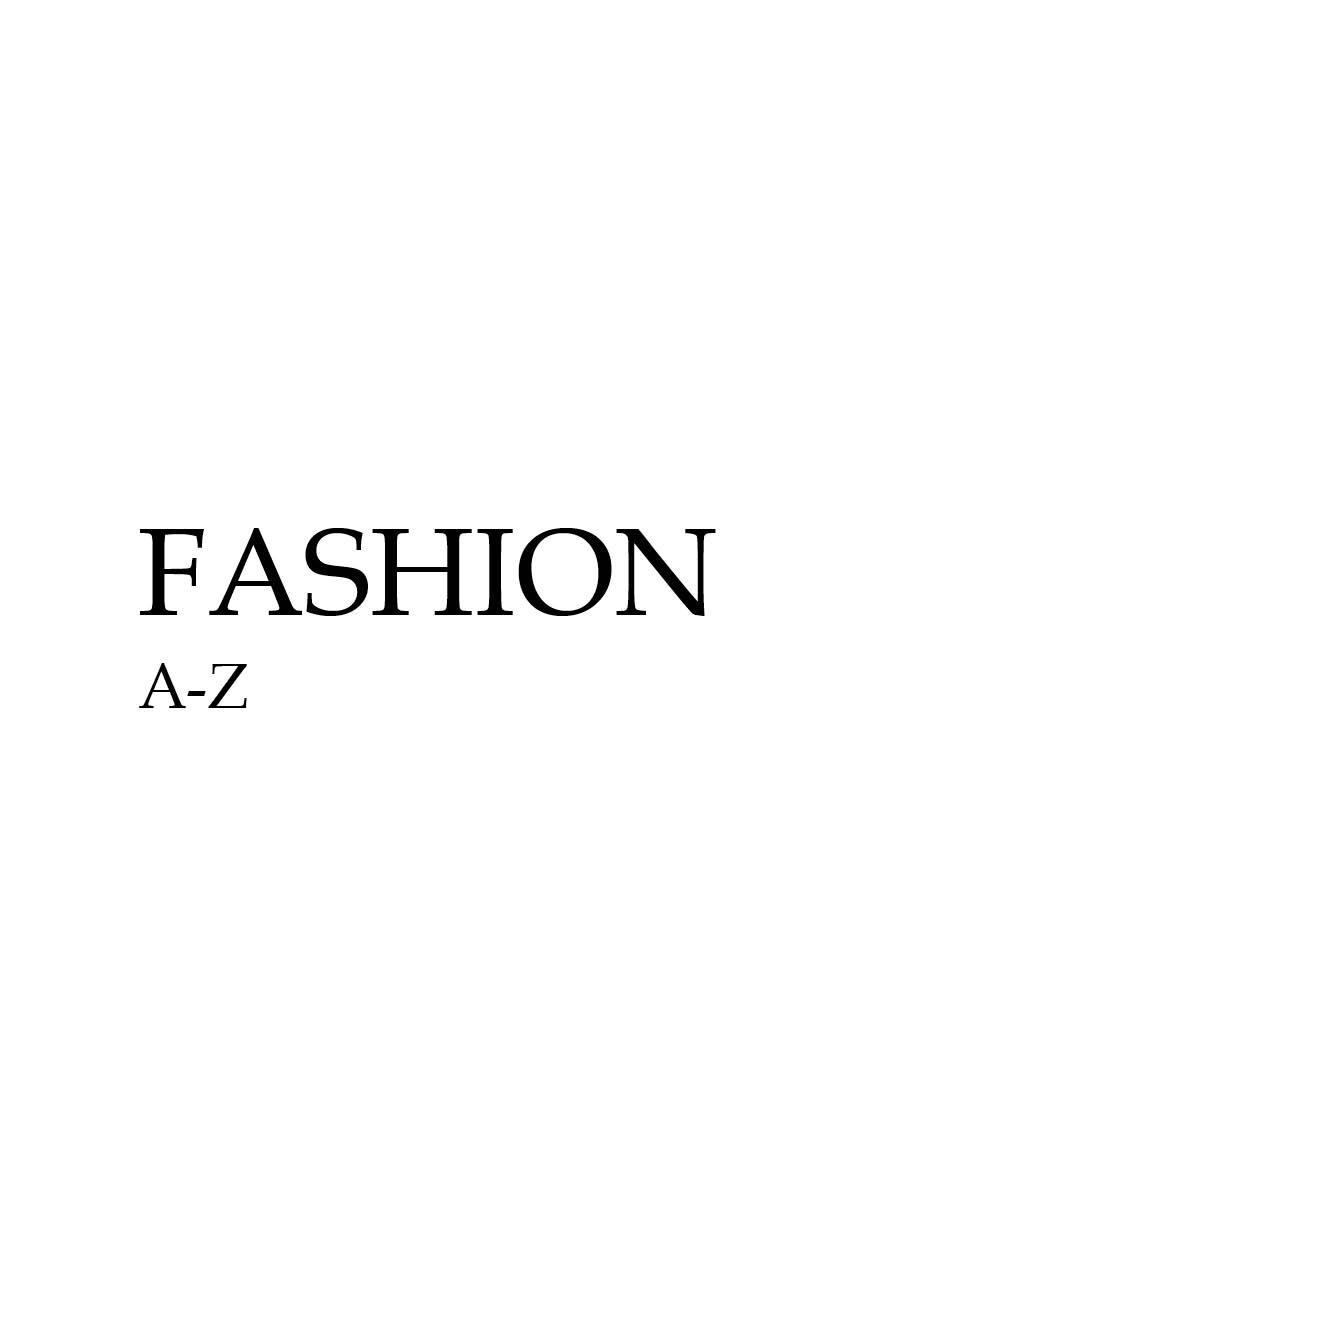 WTL_Watch_That_Label_Fashion_A-Z